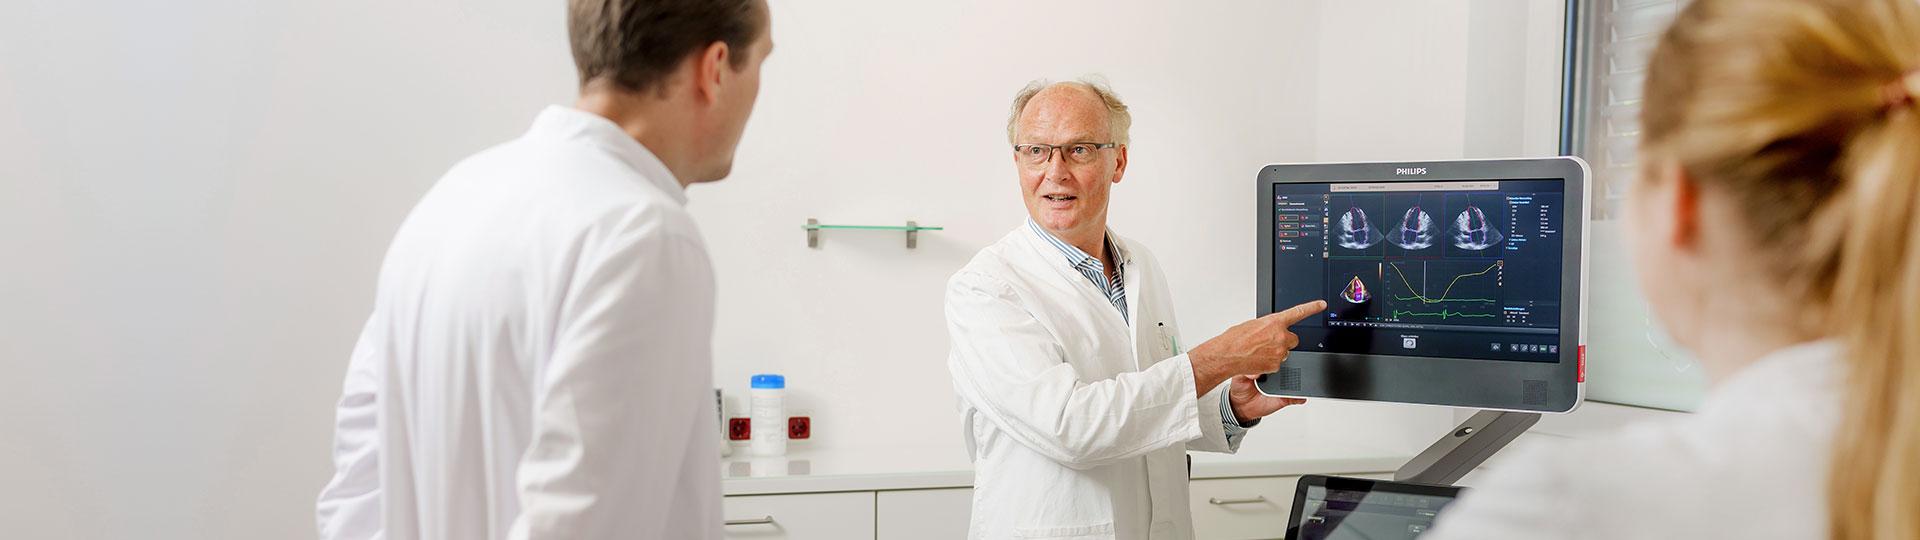 Dr. med. Reinhard Jochheim steht an einem Monitor im medizinischen Versorgungszentrum für Kardiologie Jochheim Medizin in Hattingen